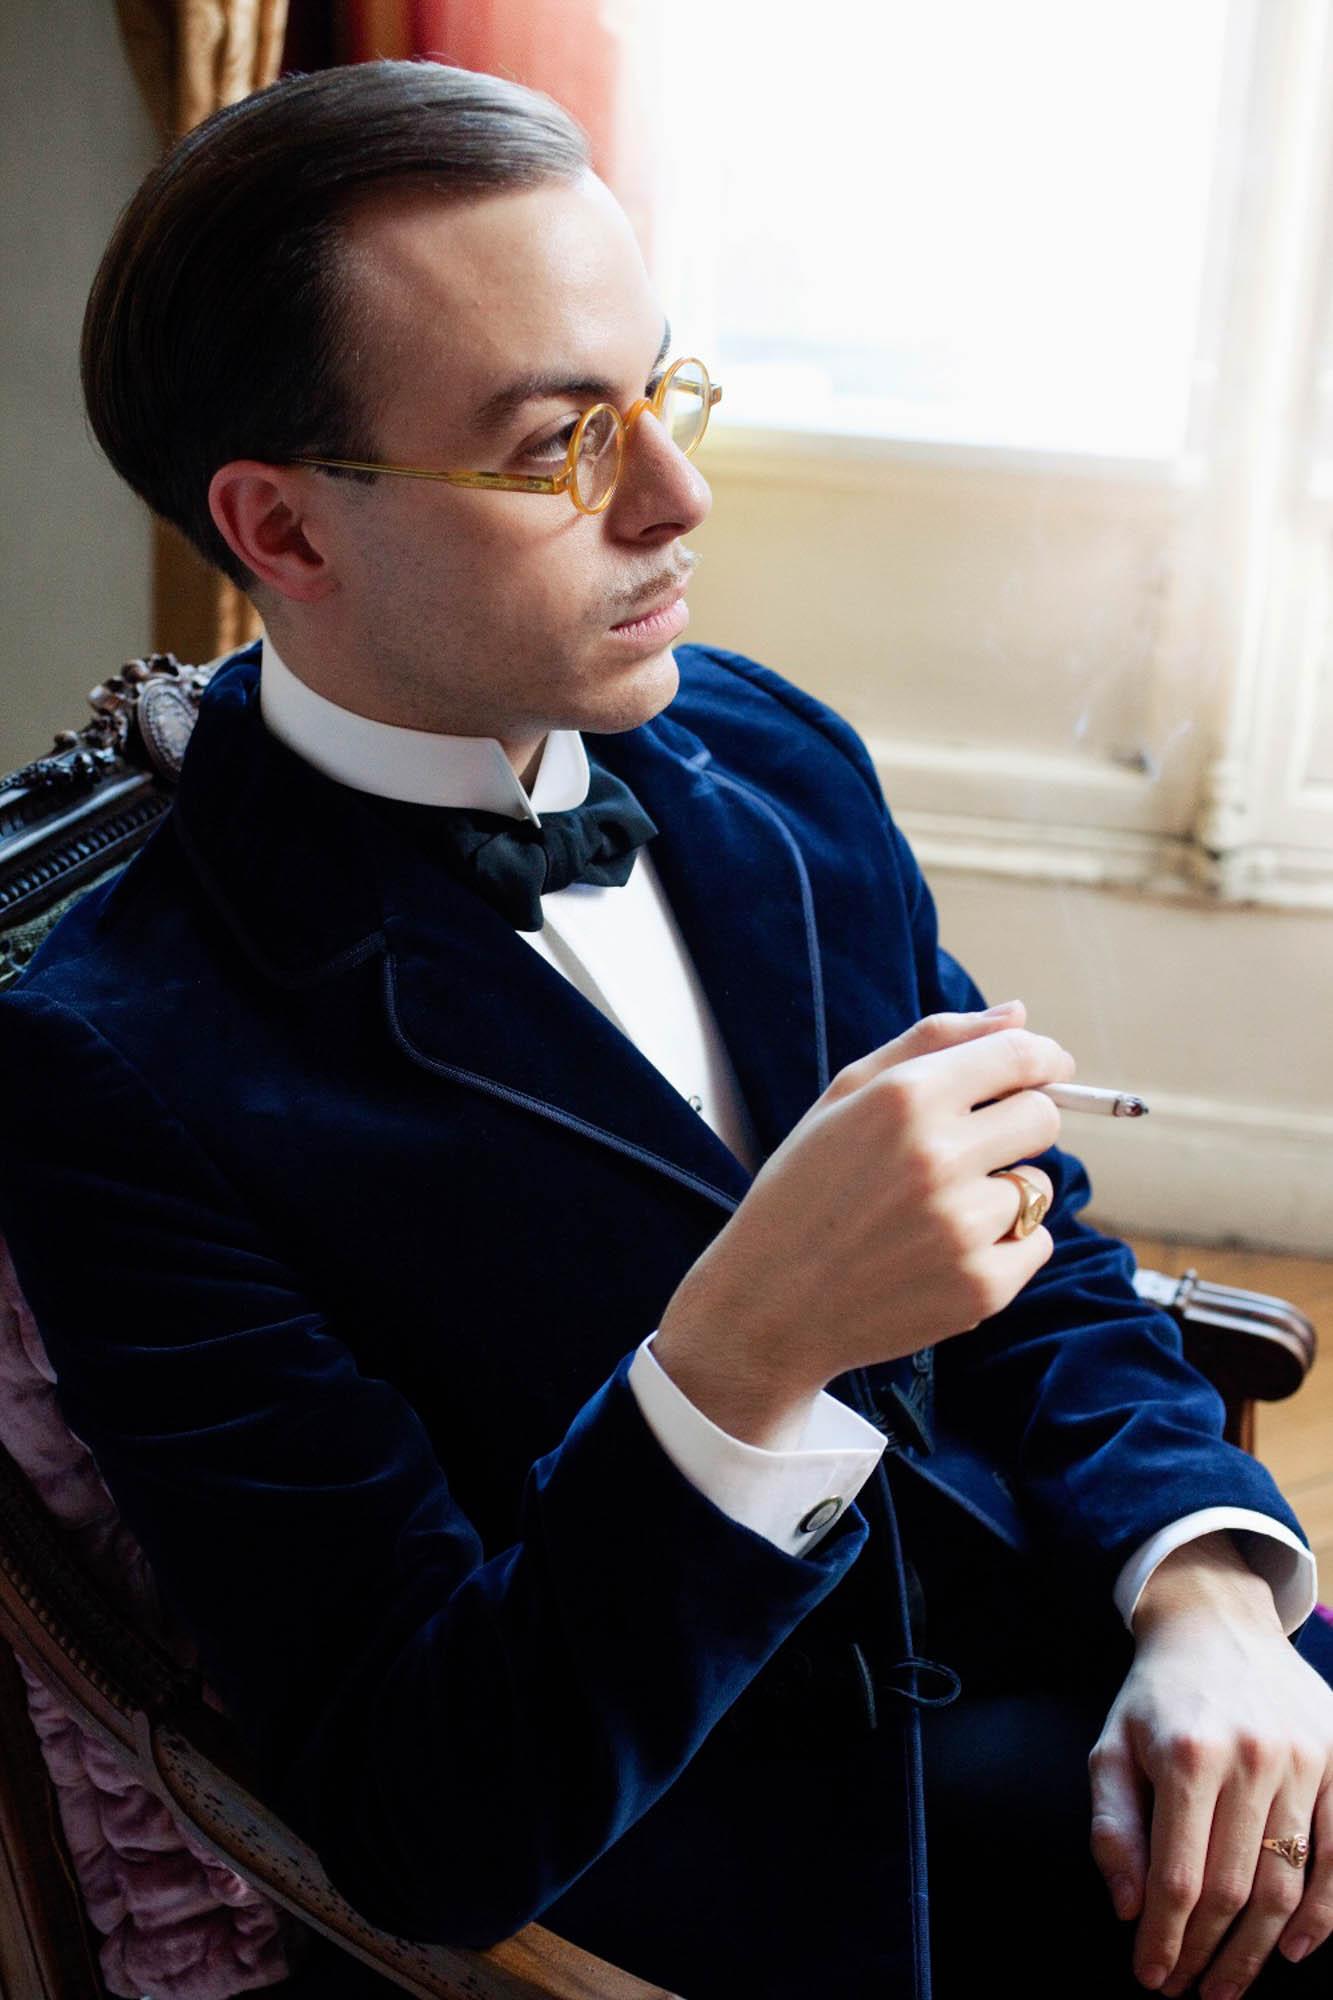 The exceptionally rakish Parisian dandy Massimiliano Mocchia Di Coggiola